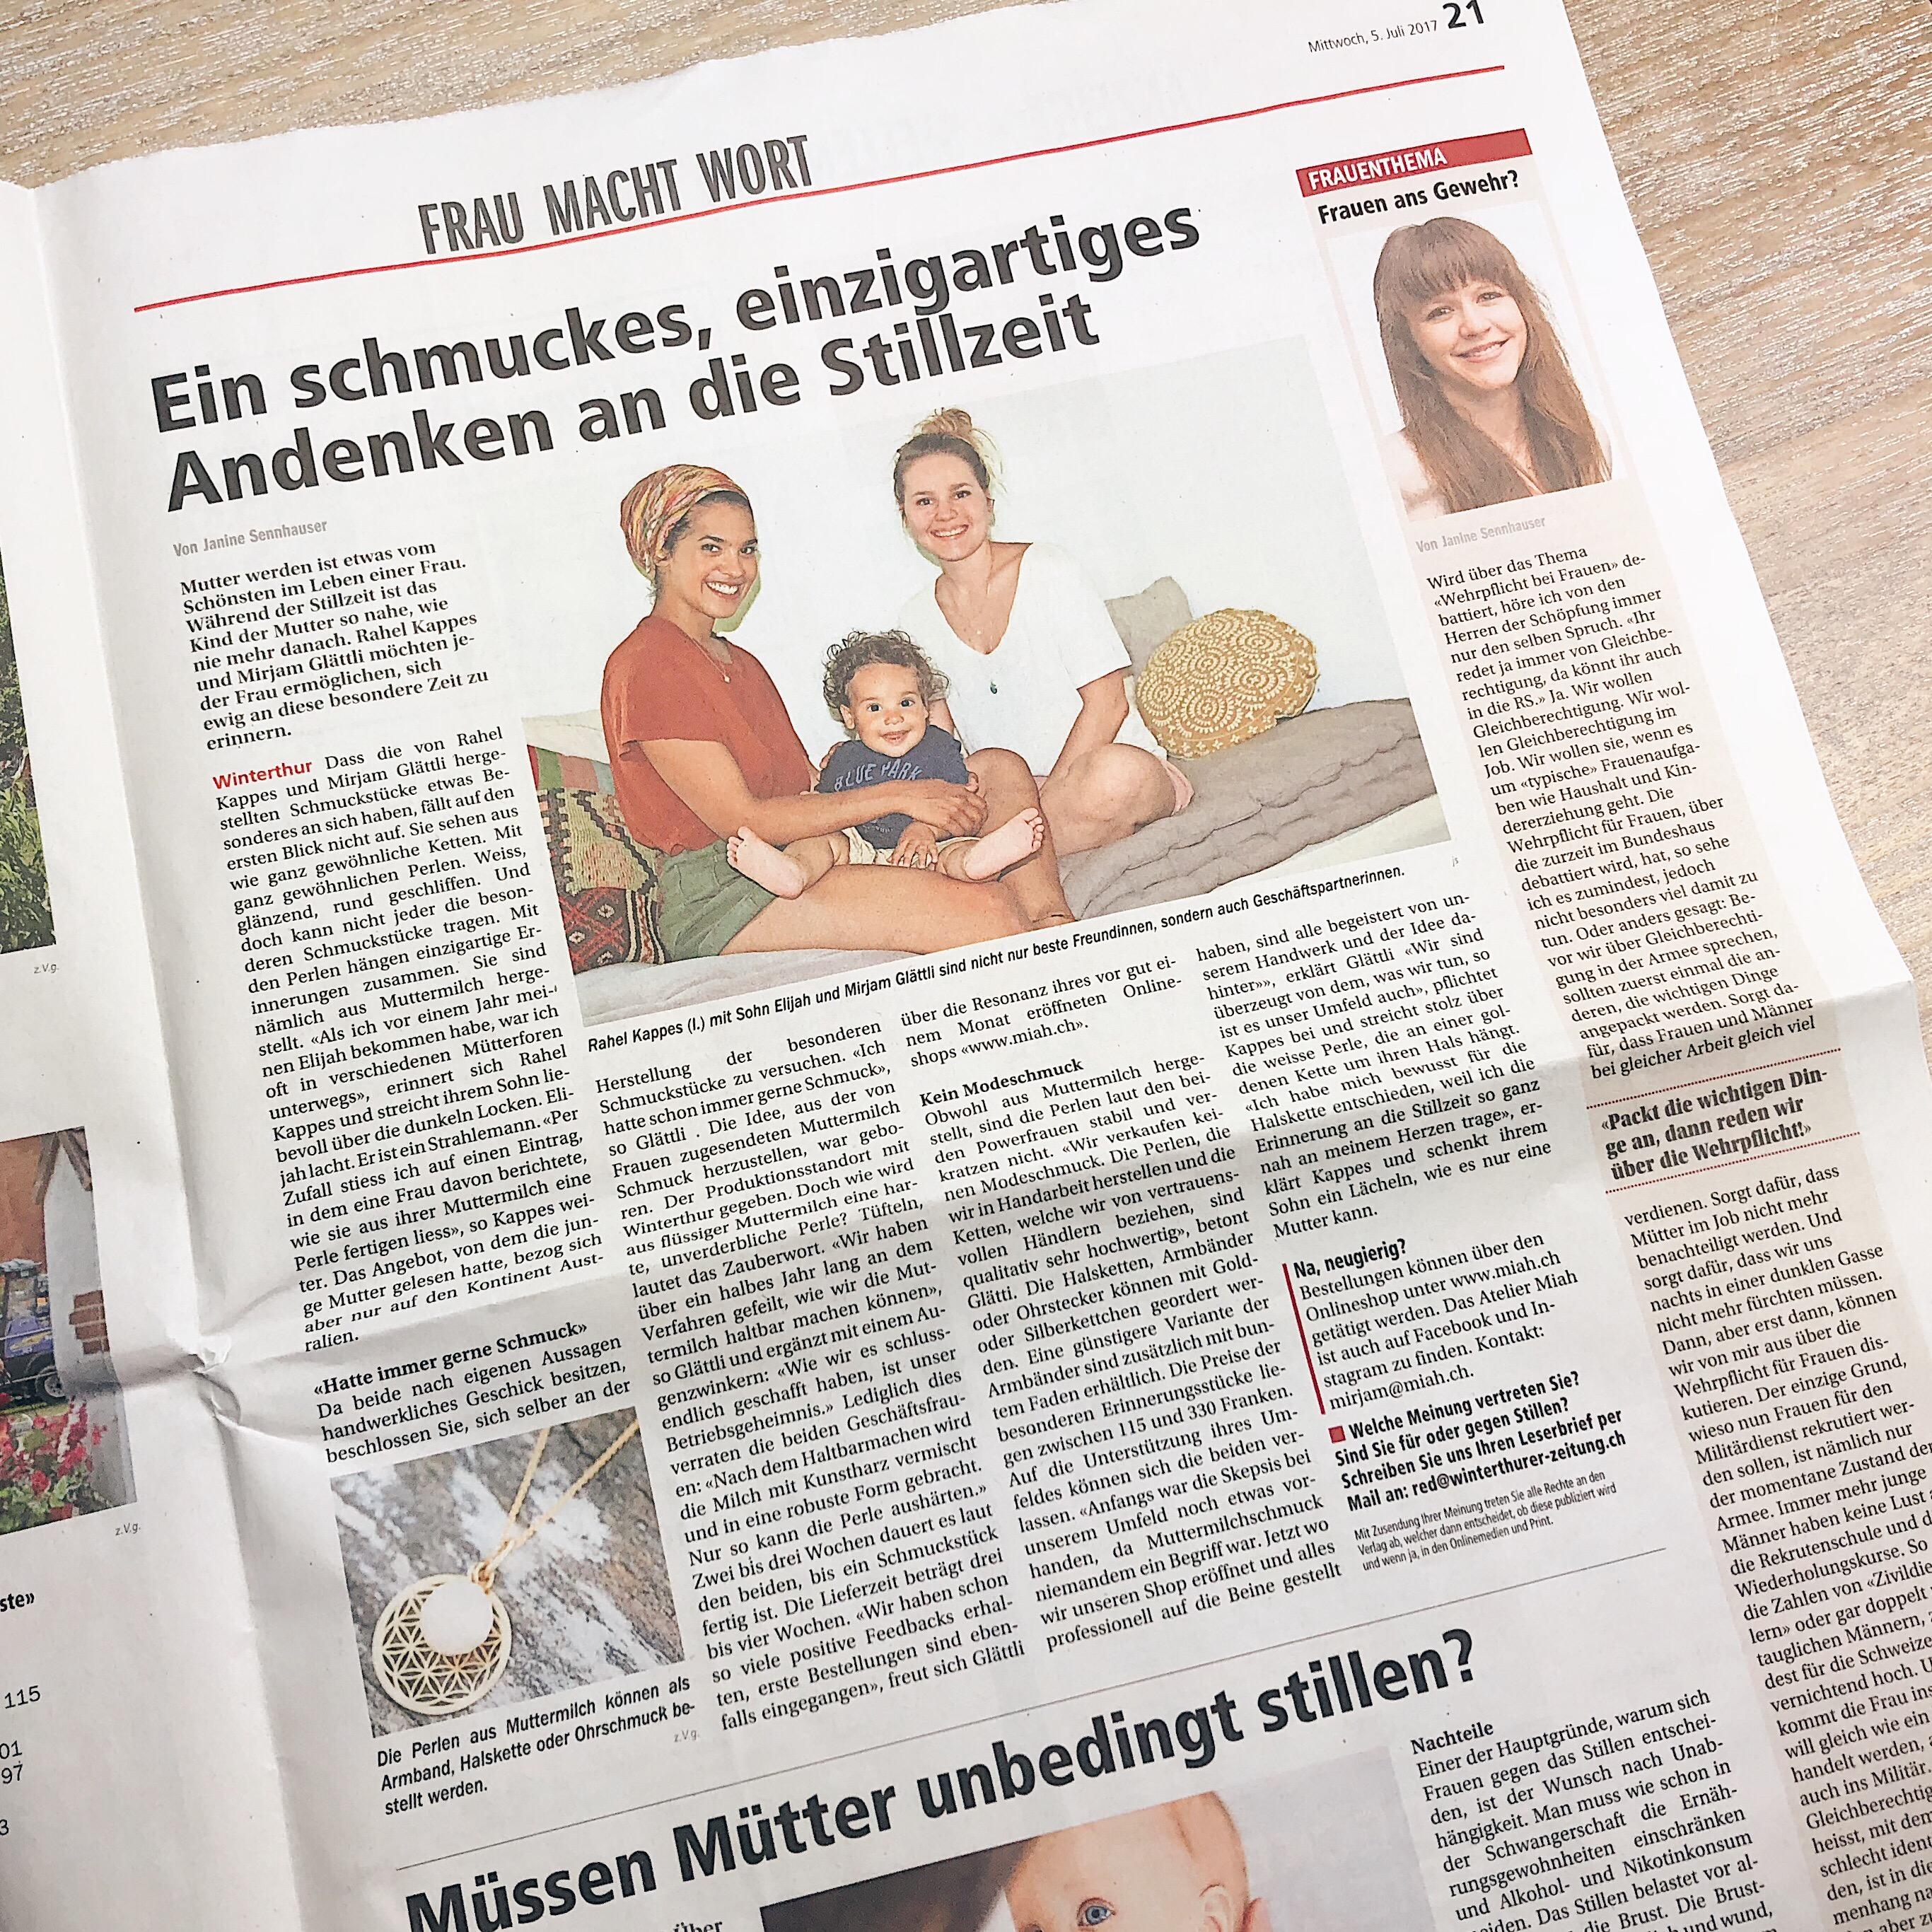 Winterthurer Zeitung Atelier Miah Erinnerungsschmuck Schmuck aus Muttermilch Andenken Stillen